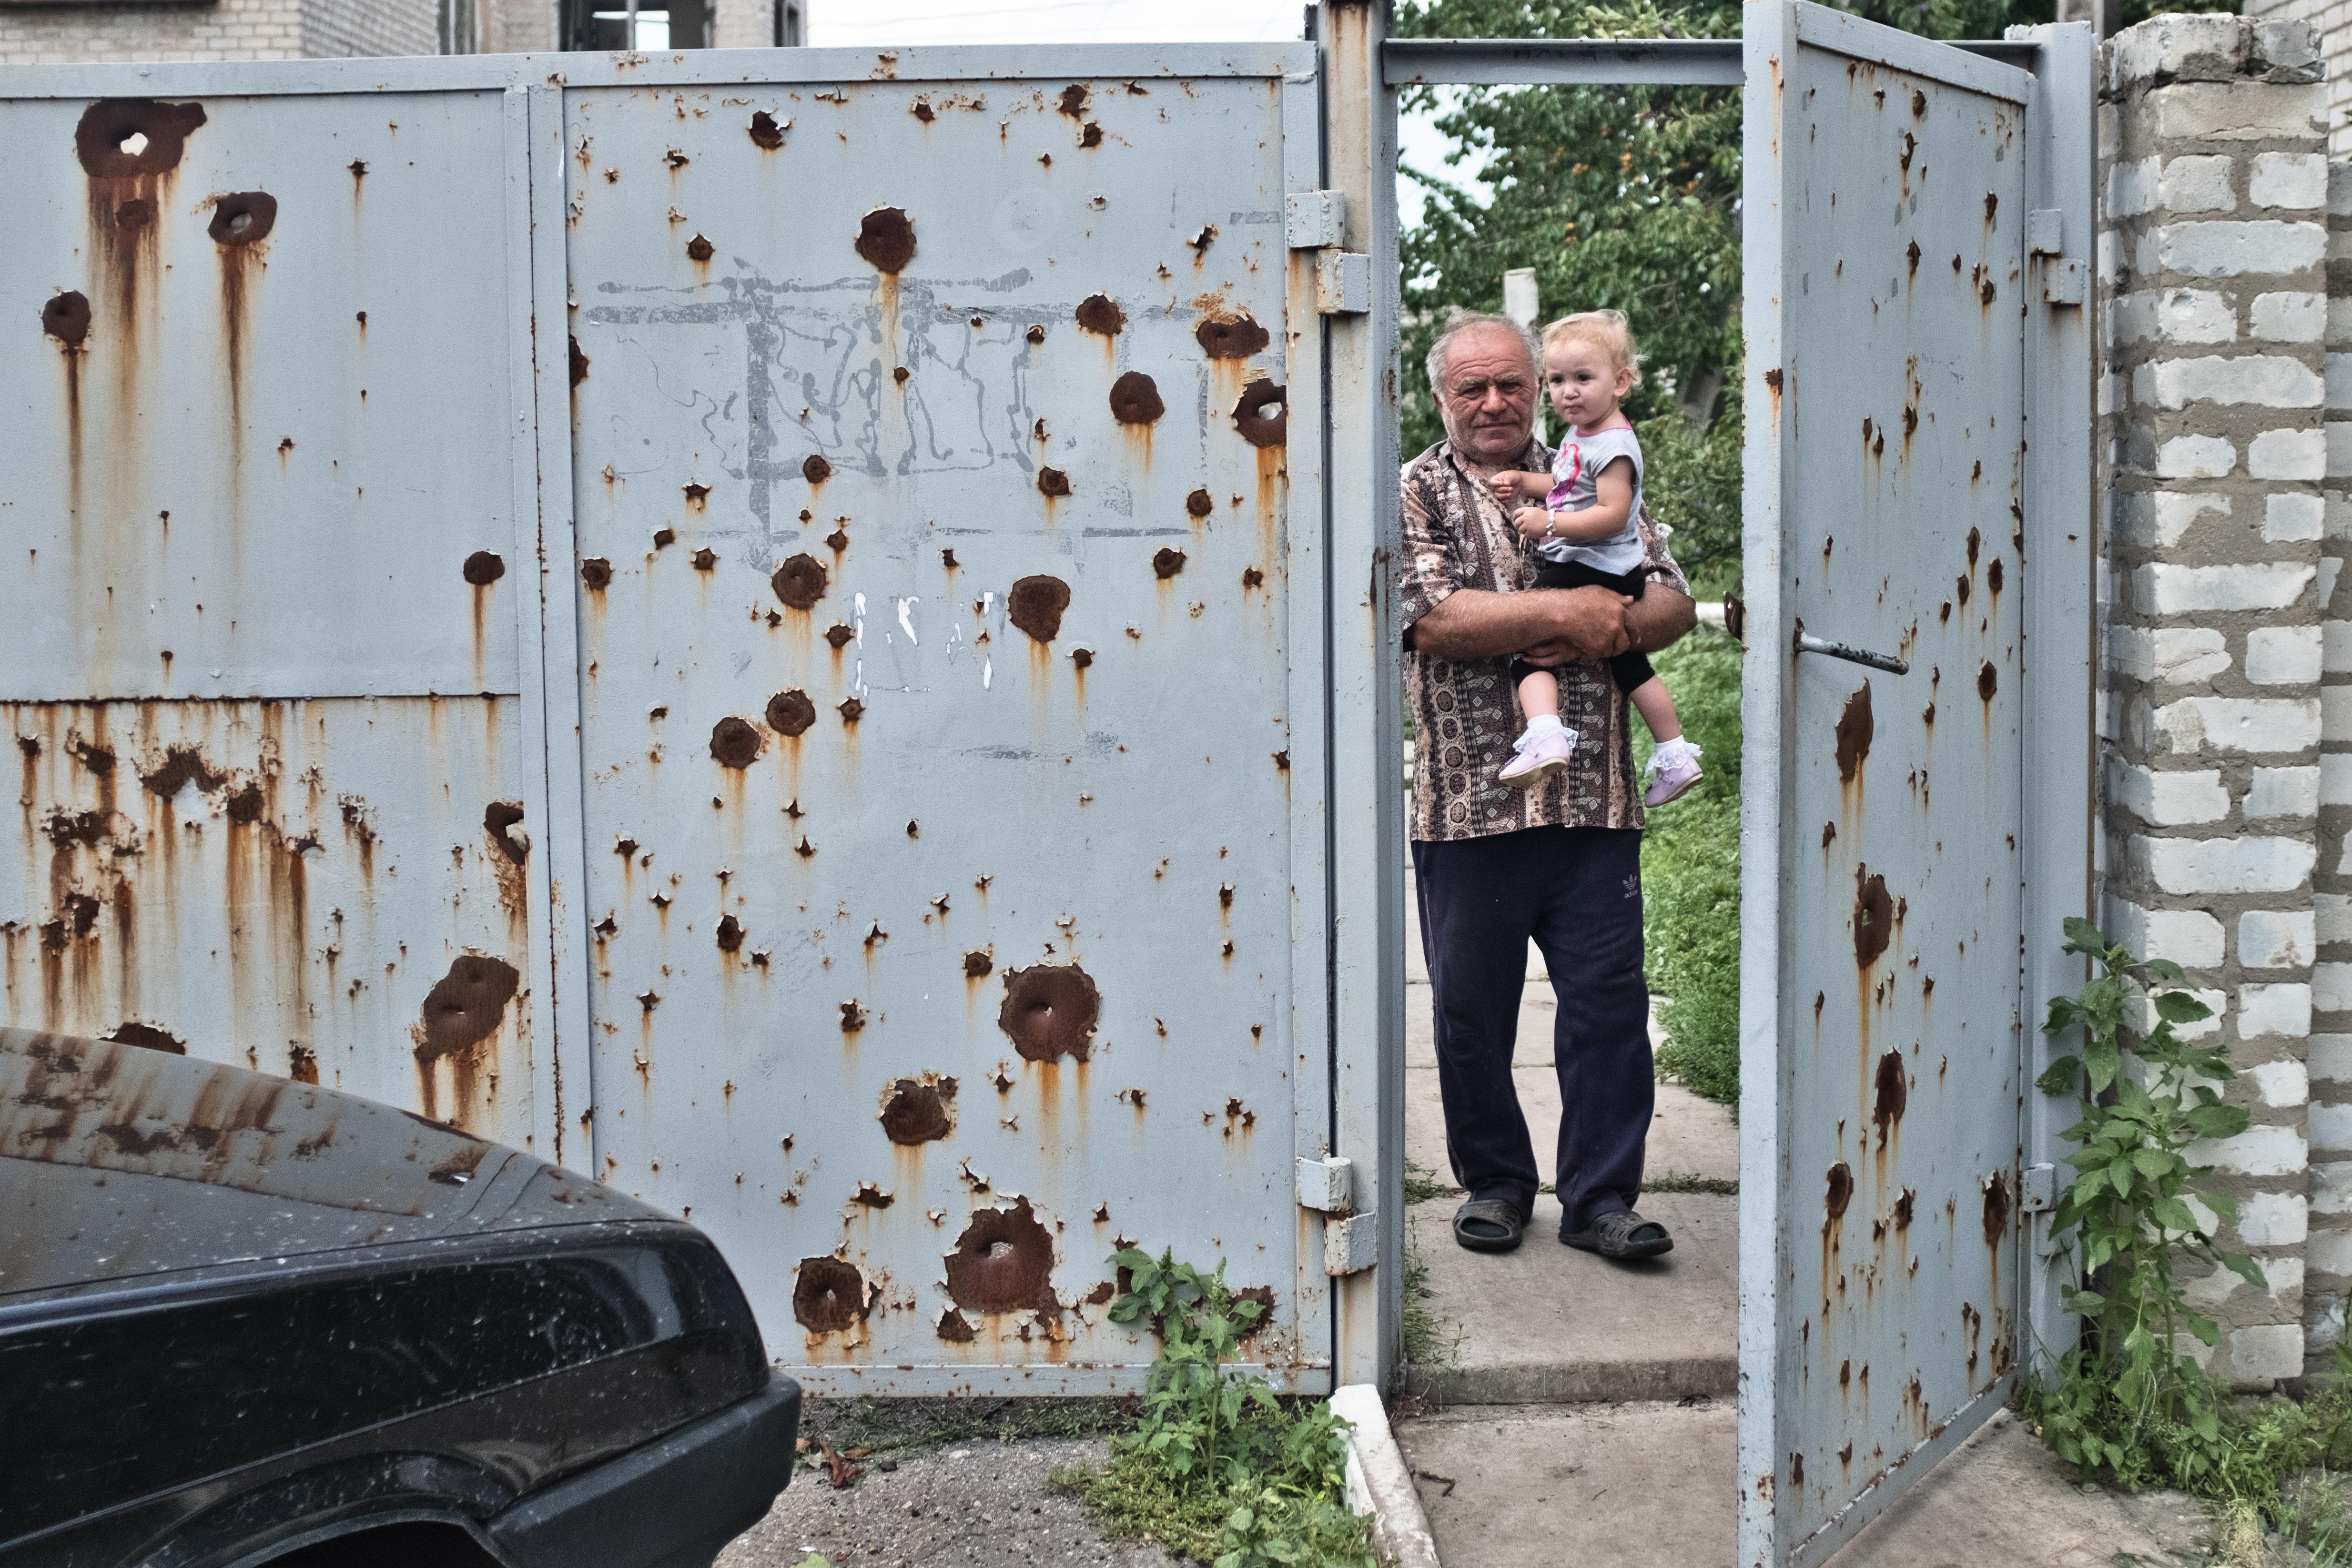 Überleben in der Grauen Zone: Wie die Menschen in der Ost-Ukraine den jahrelangen Krieg durchstehen